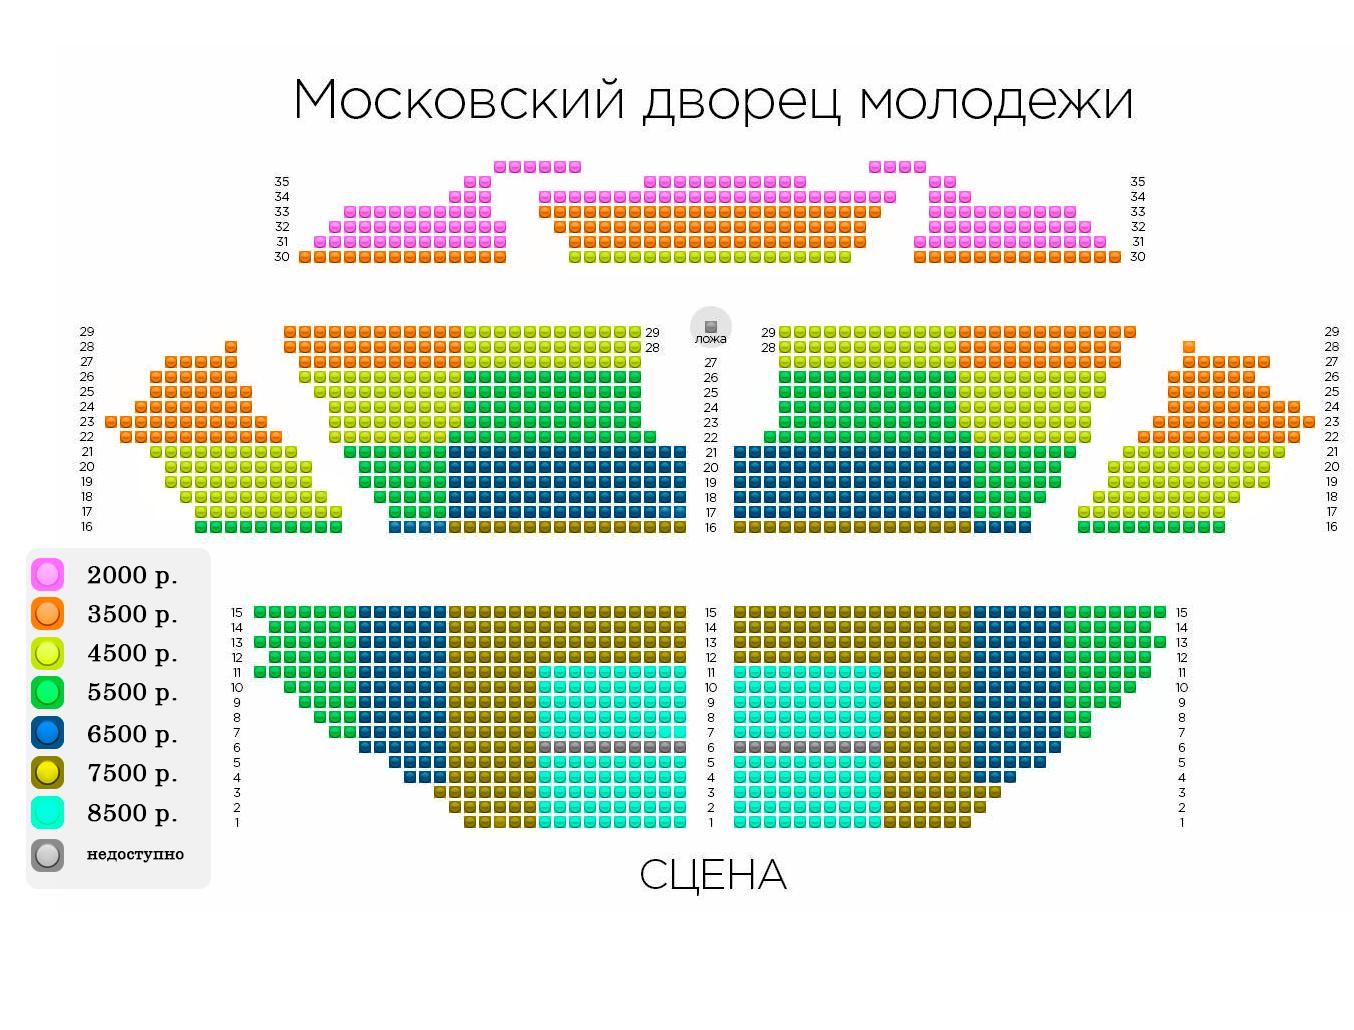 Московский дворец молодежи схема